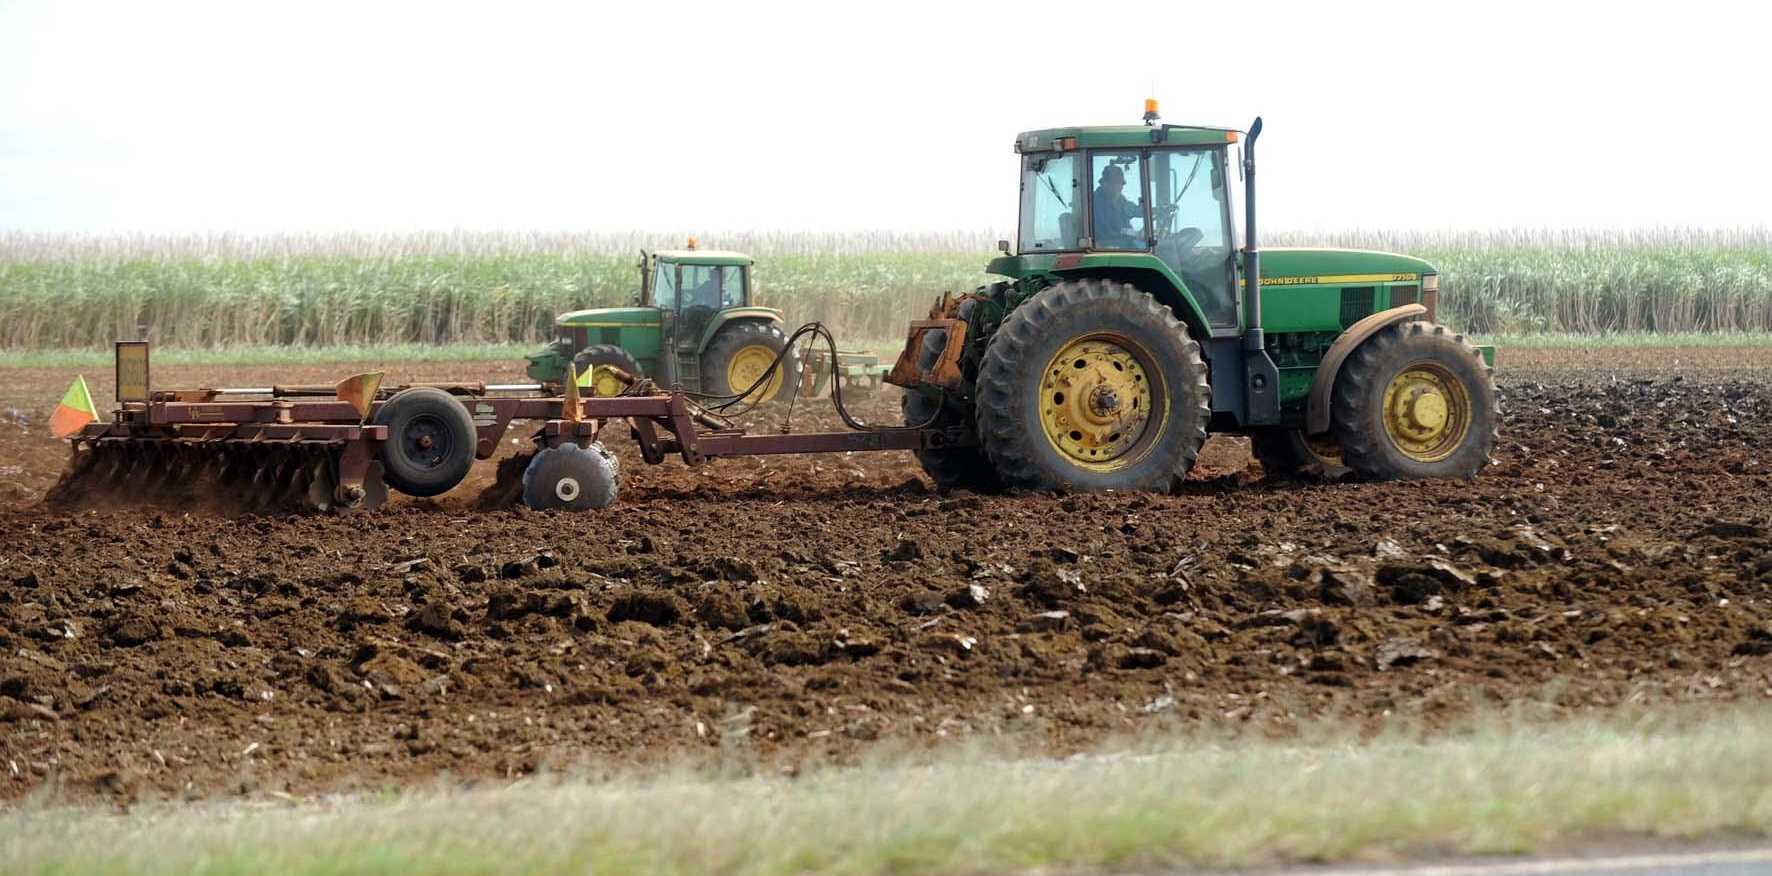 Coolabunia dairy farmer Damien Tessmann wrote,